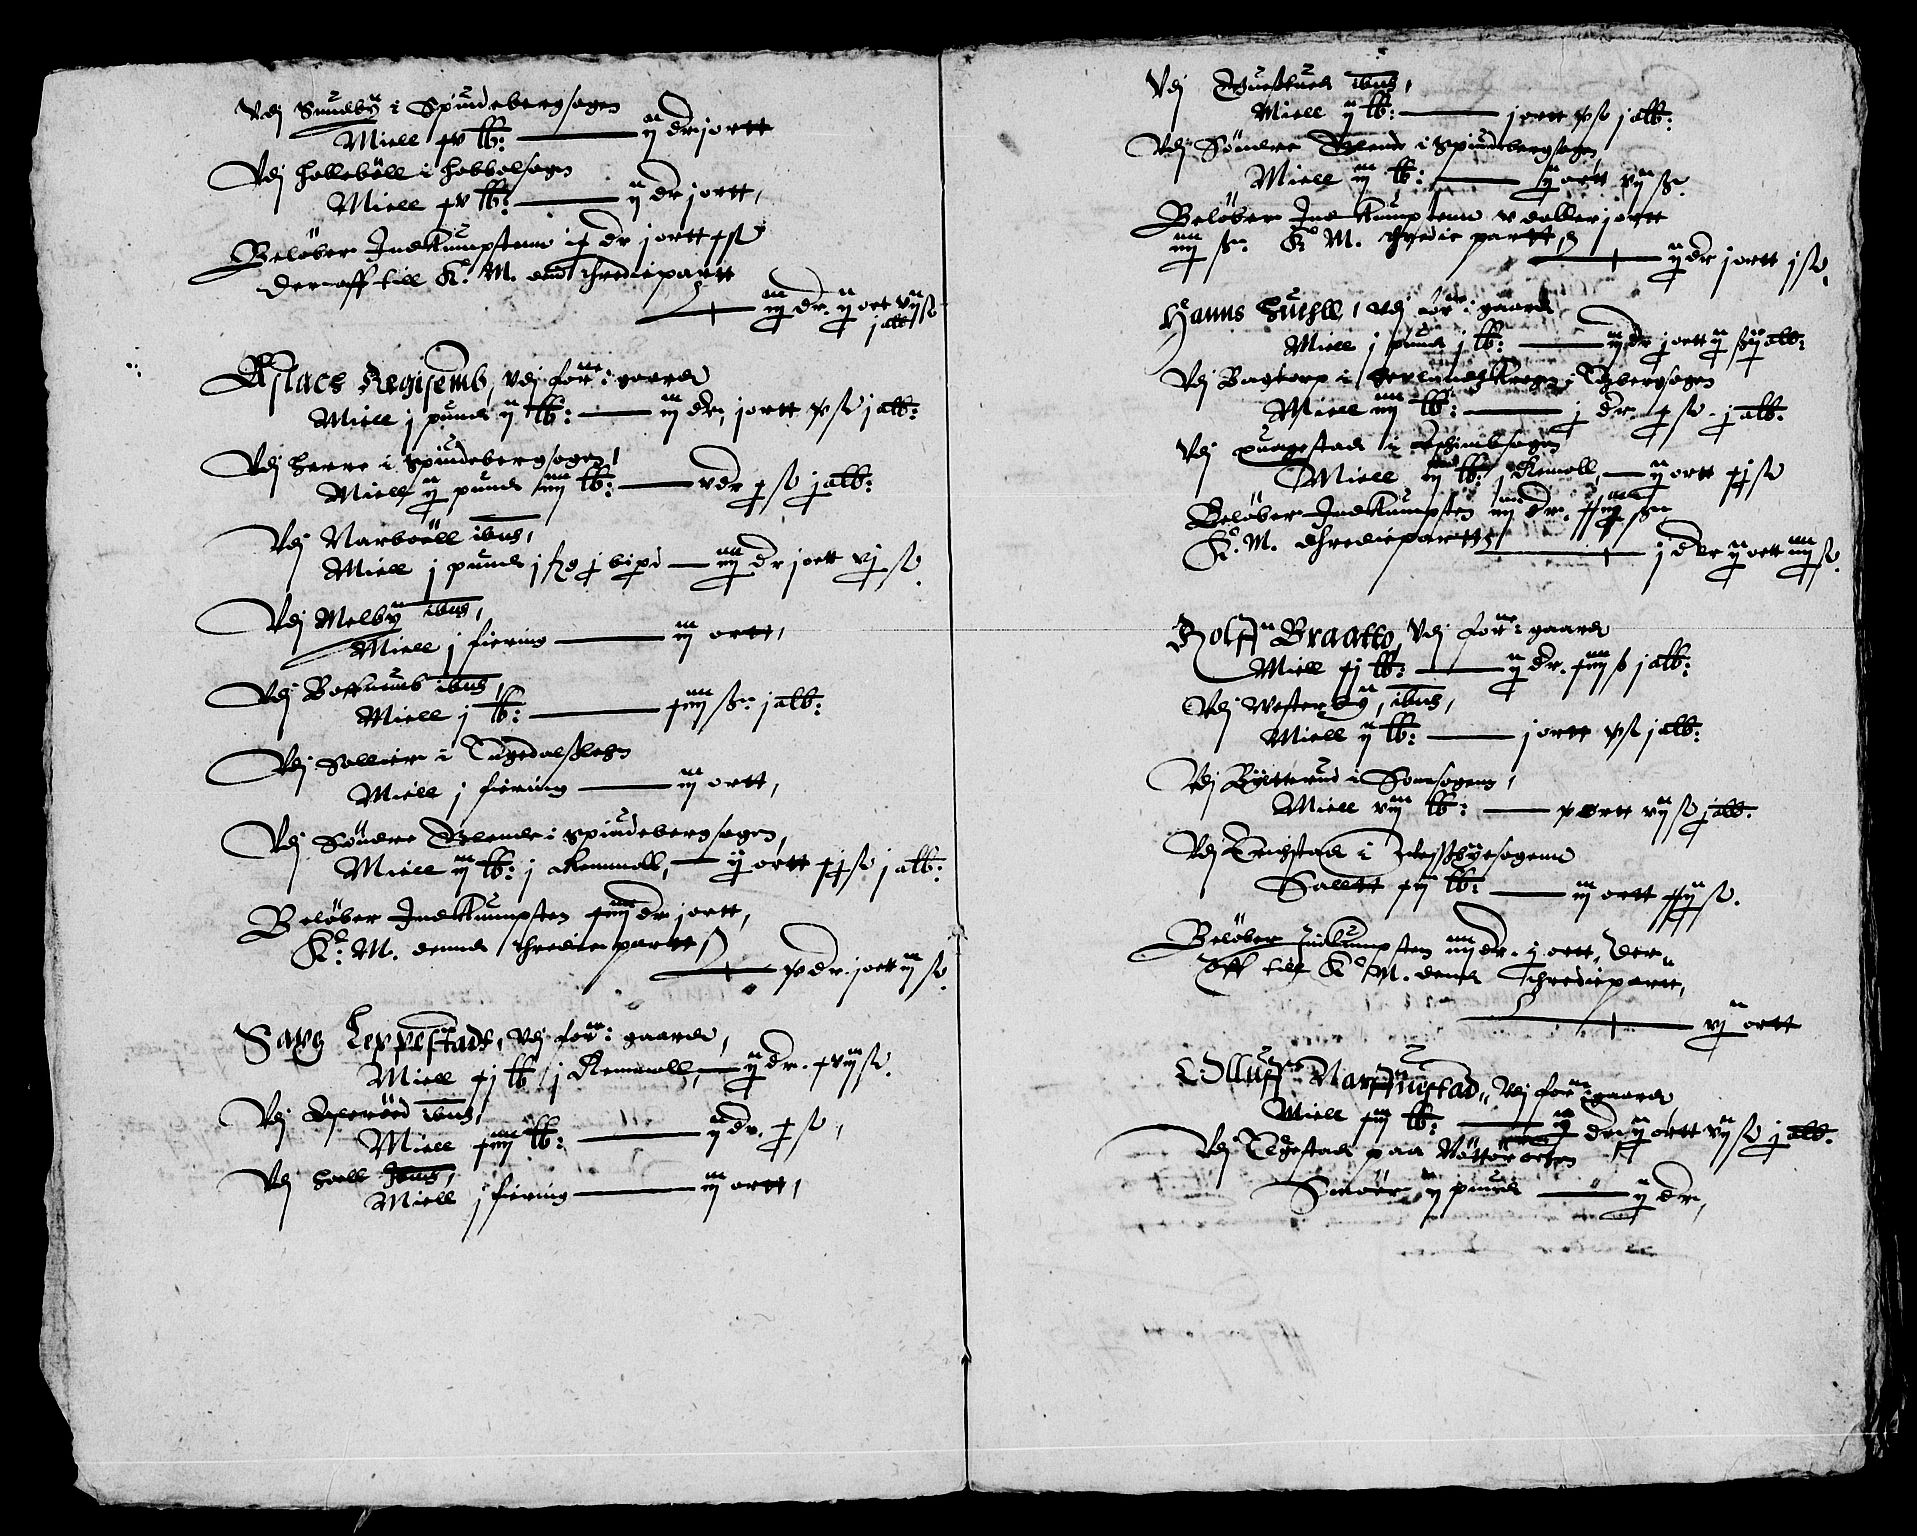 RA, Rentekammeret inntil 1814, Reviderte regnskaper, Lensregnskaper, R/Rb/Rba/L0075: Akershus len, 1625